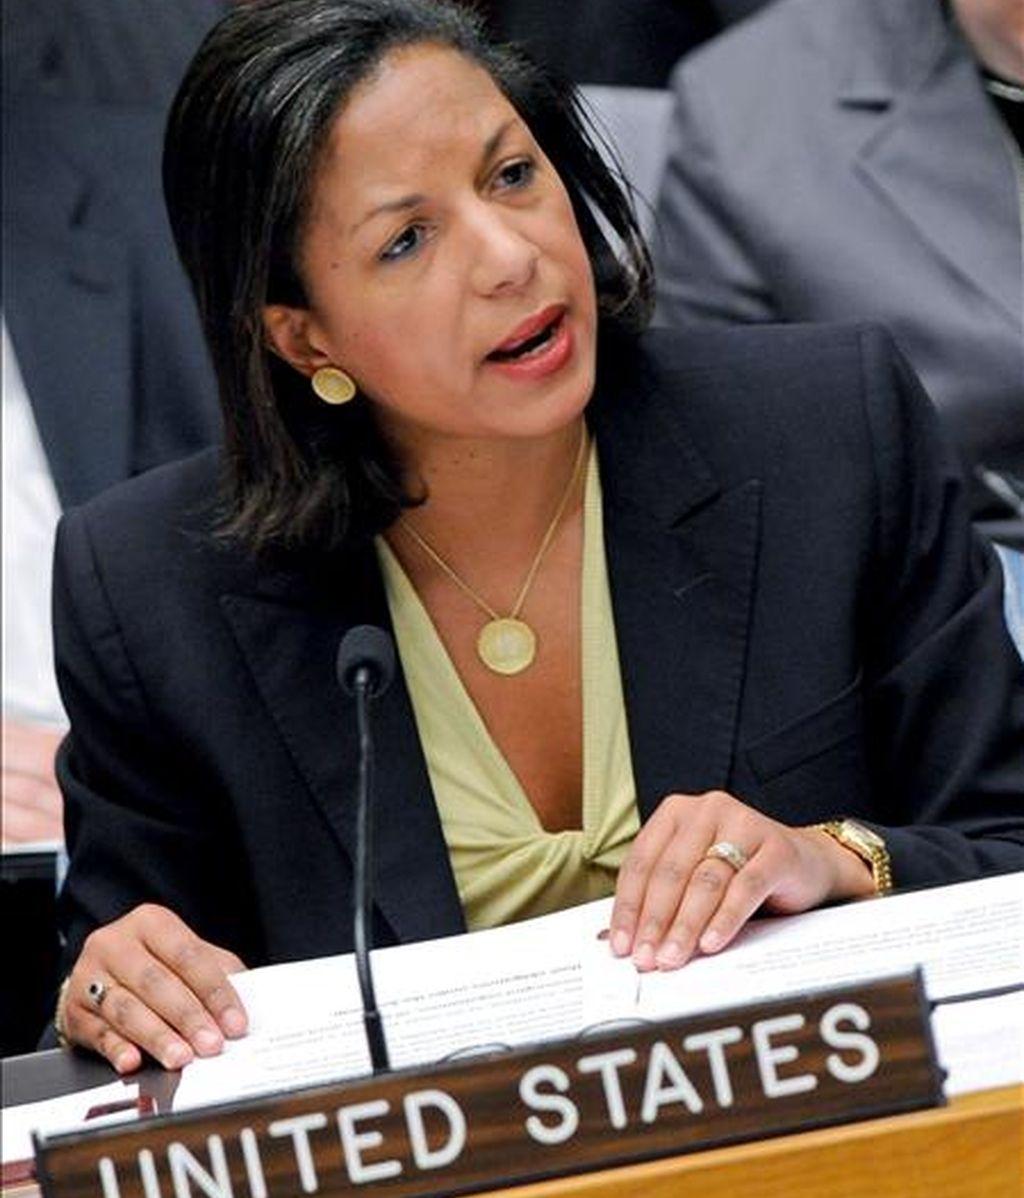 """La embajadora estadounidense ante la ONU, Susan Rice, atribuyó el retraso a la """"complejidad"""" técnica de las sanciones que se desean imponer al aparato militar y nuclear del régimen norcoreano. EFE/Archivo"""